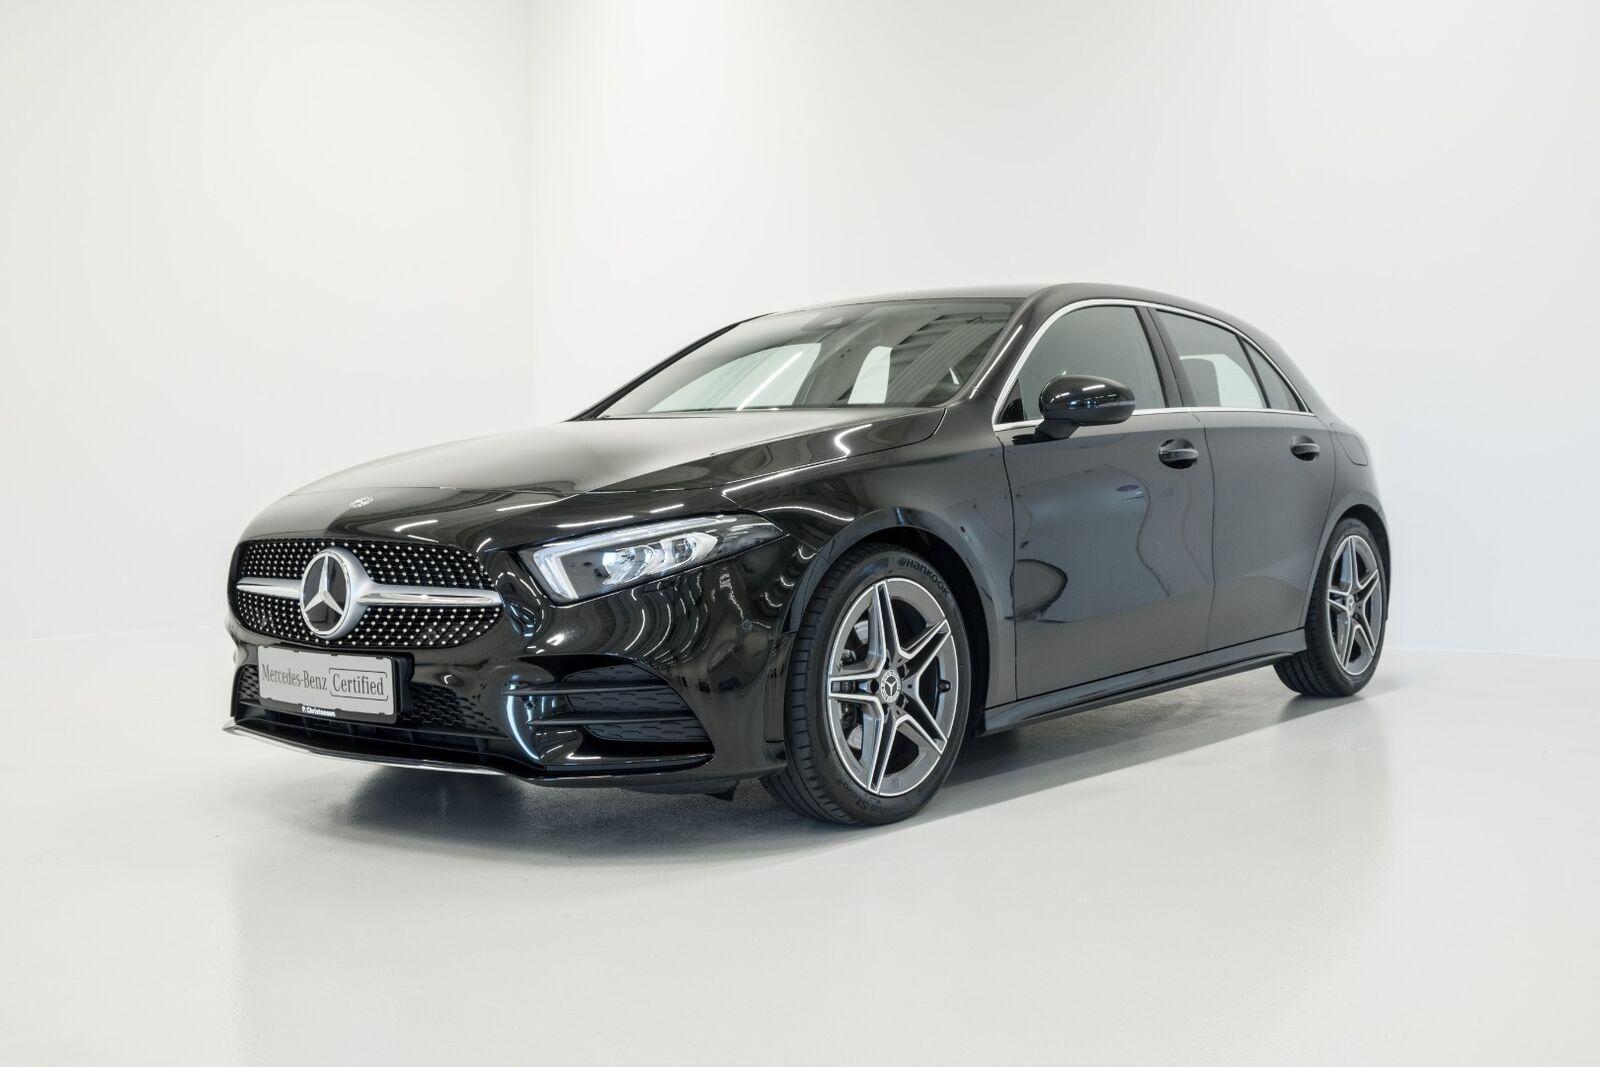 Mercedes A200 1,3 AMG Line aut. 5d - 359.900 kr.